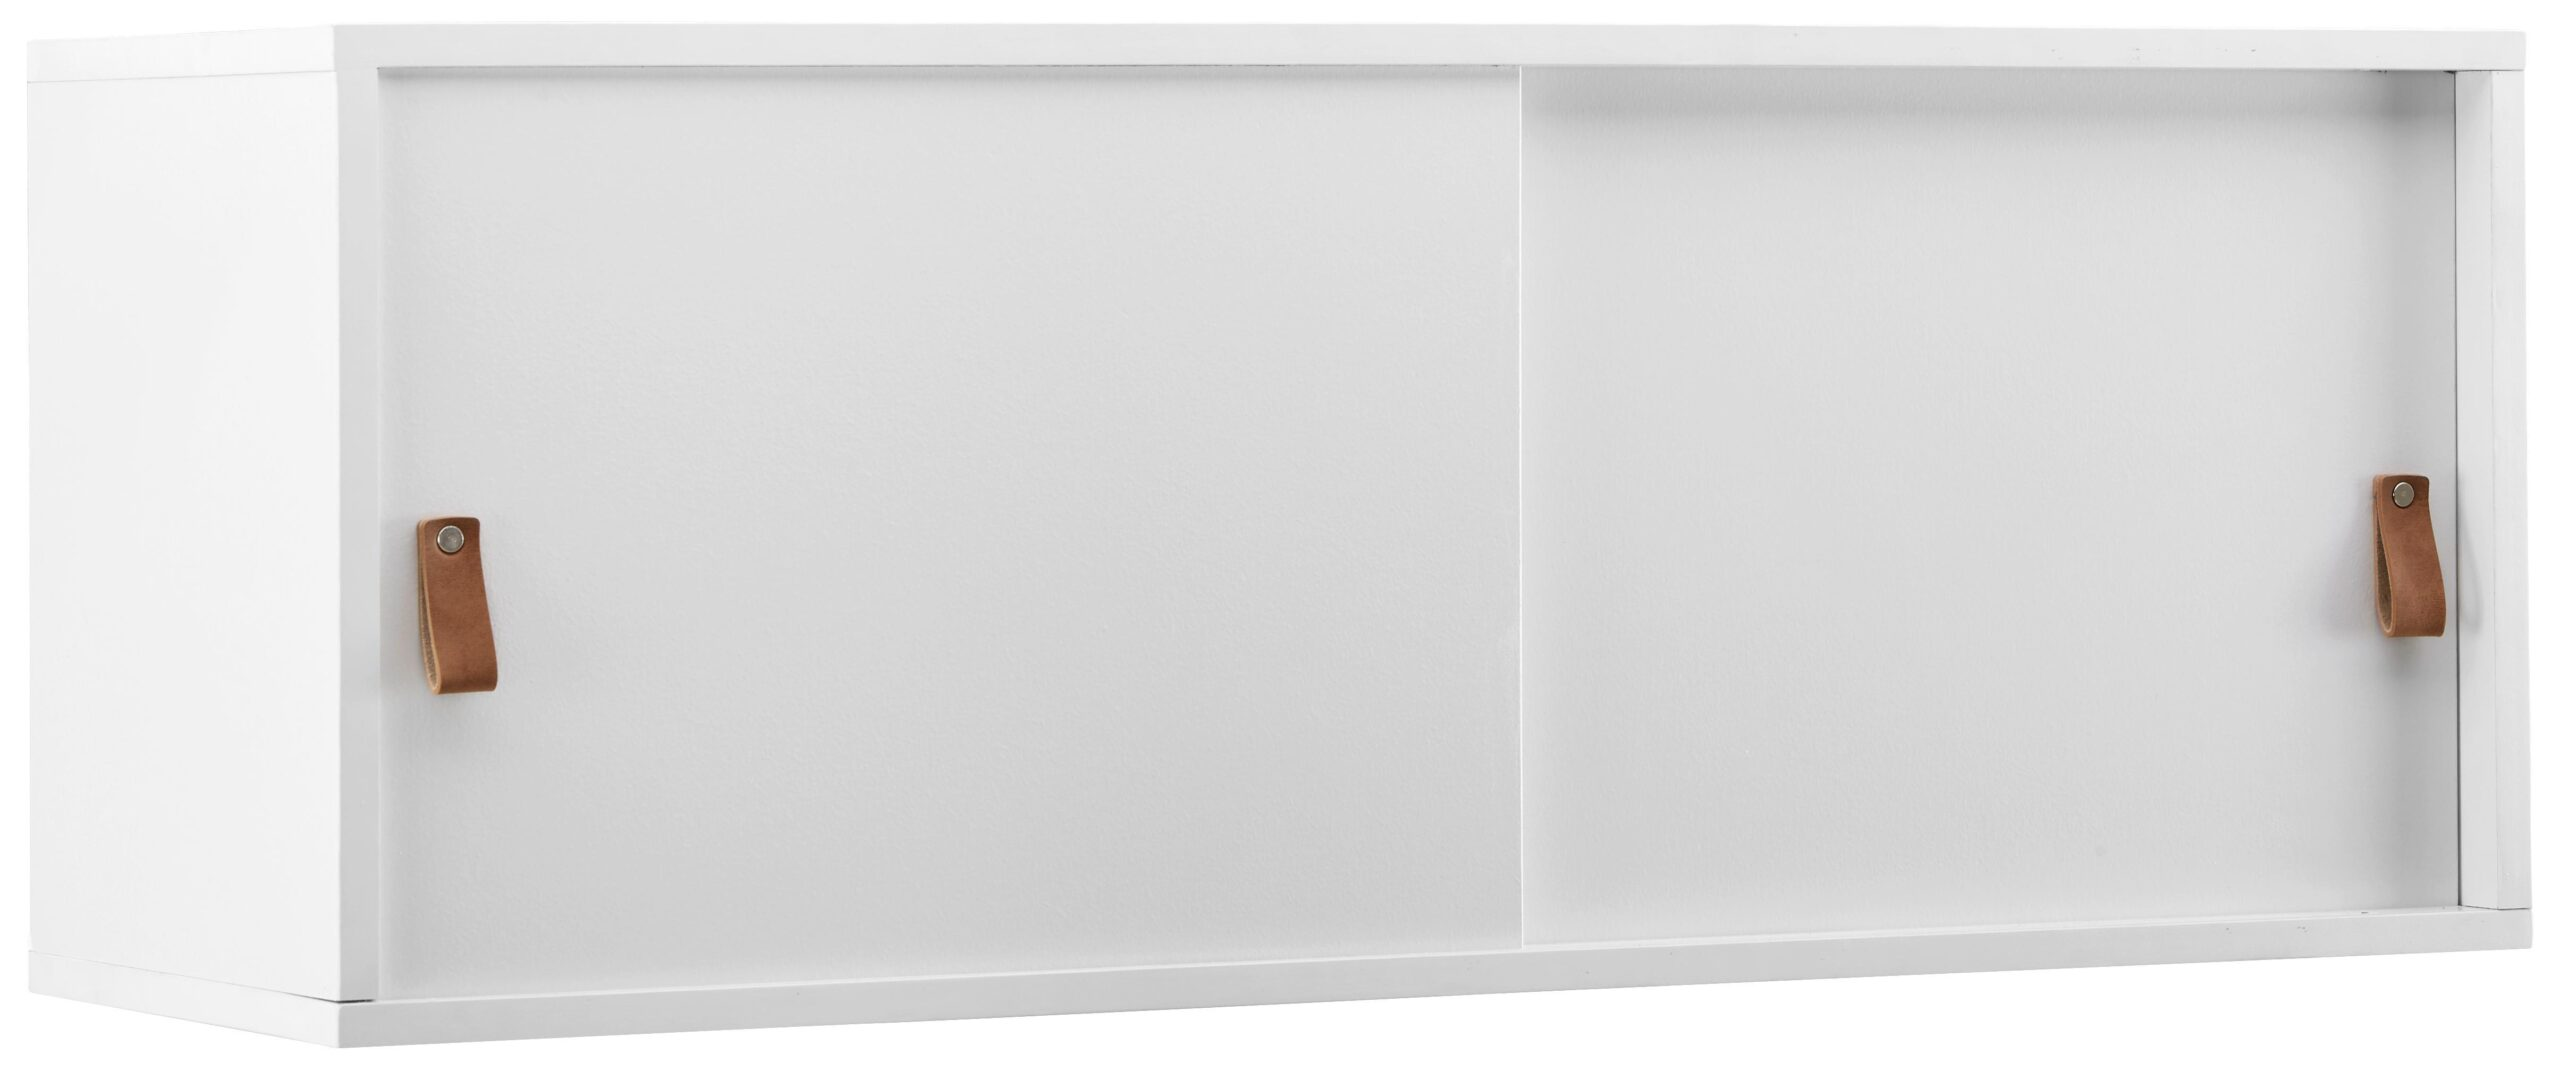 Full Size of Offenes Regal Weiß Regale Wohnzimmer Produkte Mmax Kiefer Günstig Kunstleder Sofa Schmale Bett 90x200 Werkstatt Anfahrschutz Hängeschrank Hochglanz Regal Offenes Regal Weiß